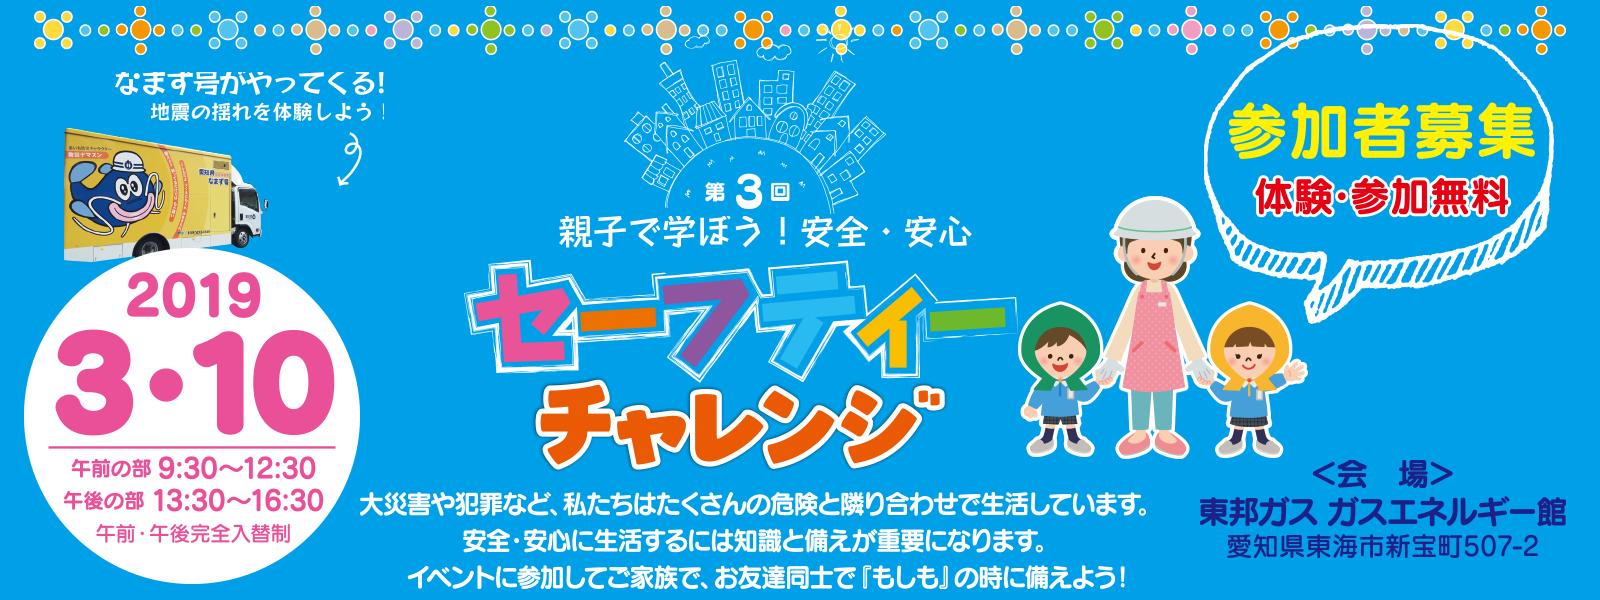 きらきら セーフティーチャレンジ2019